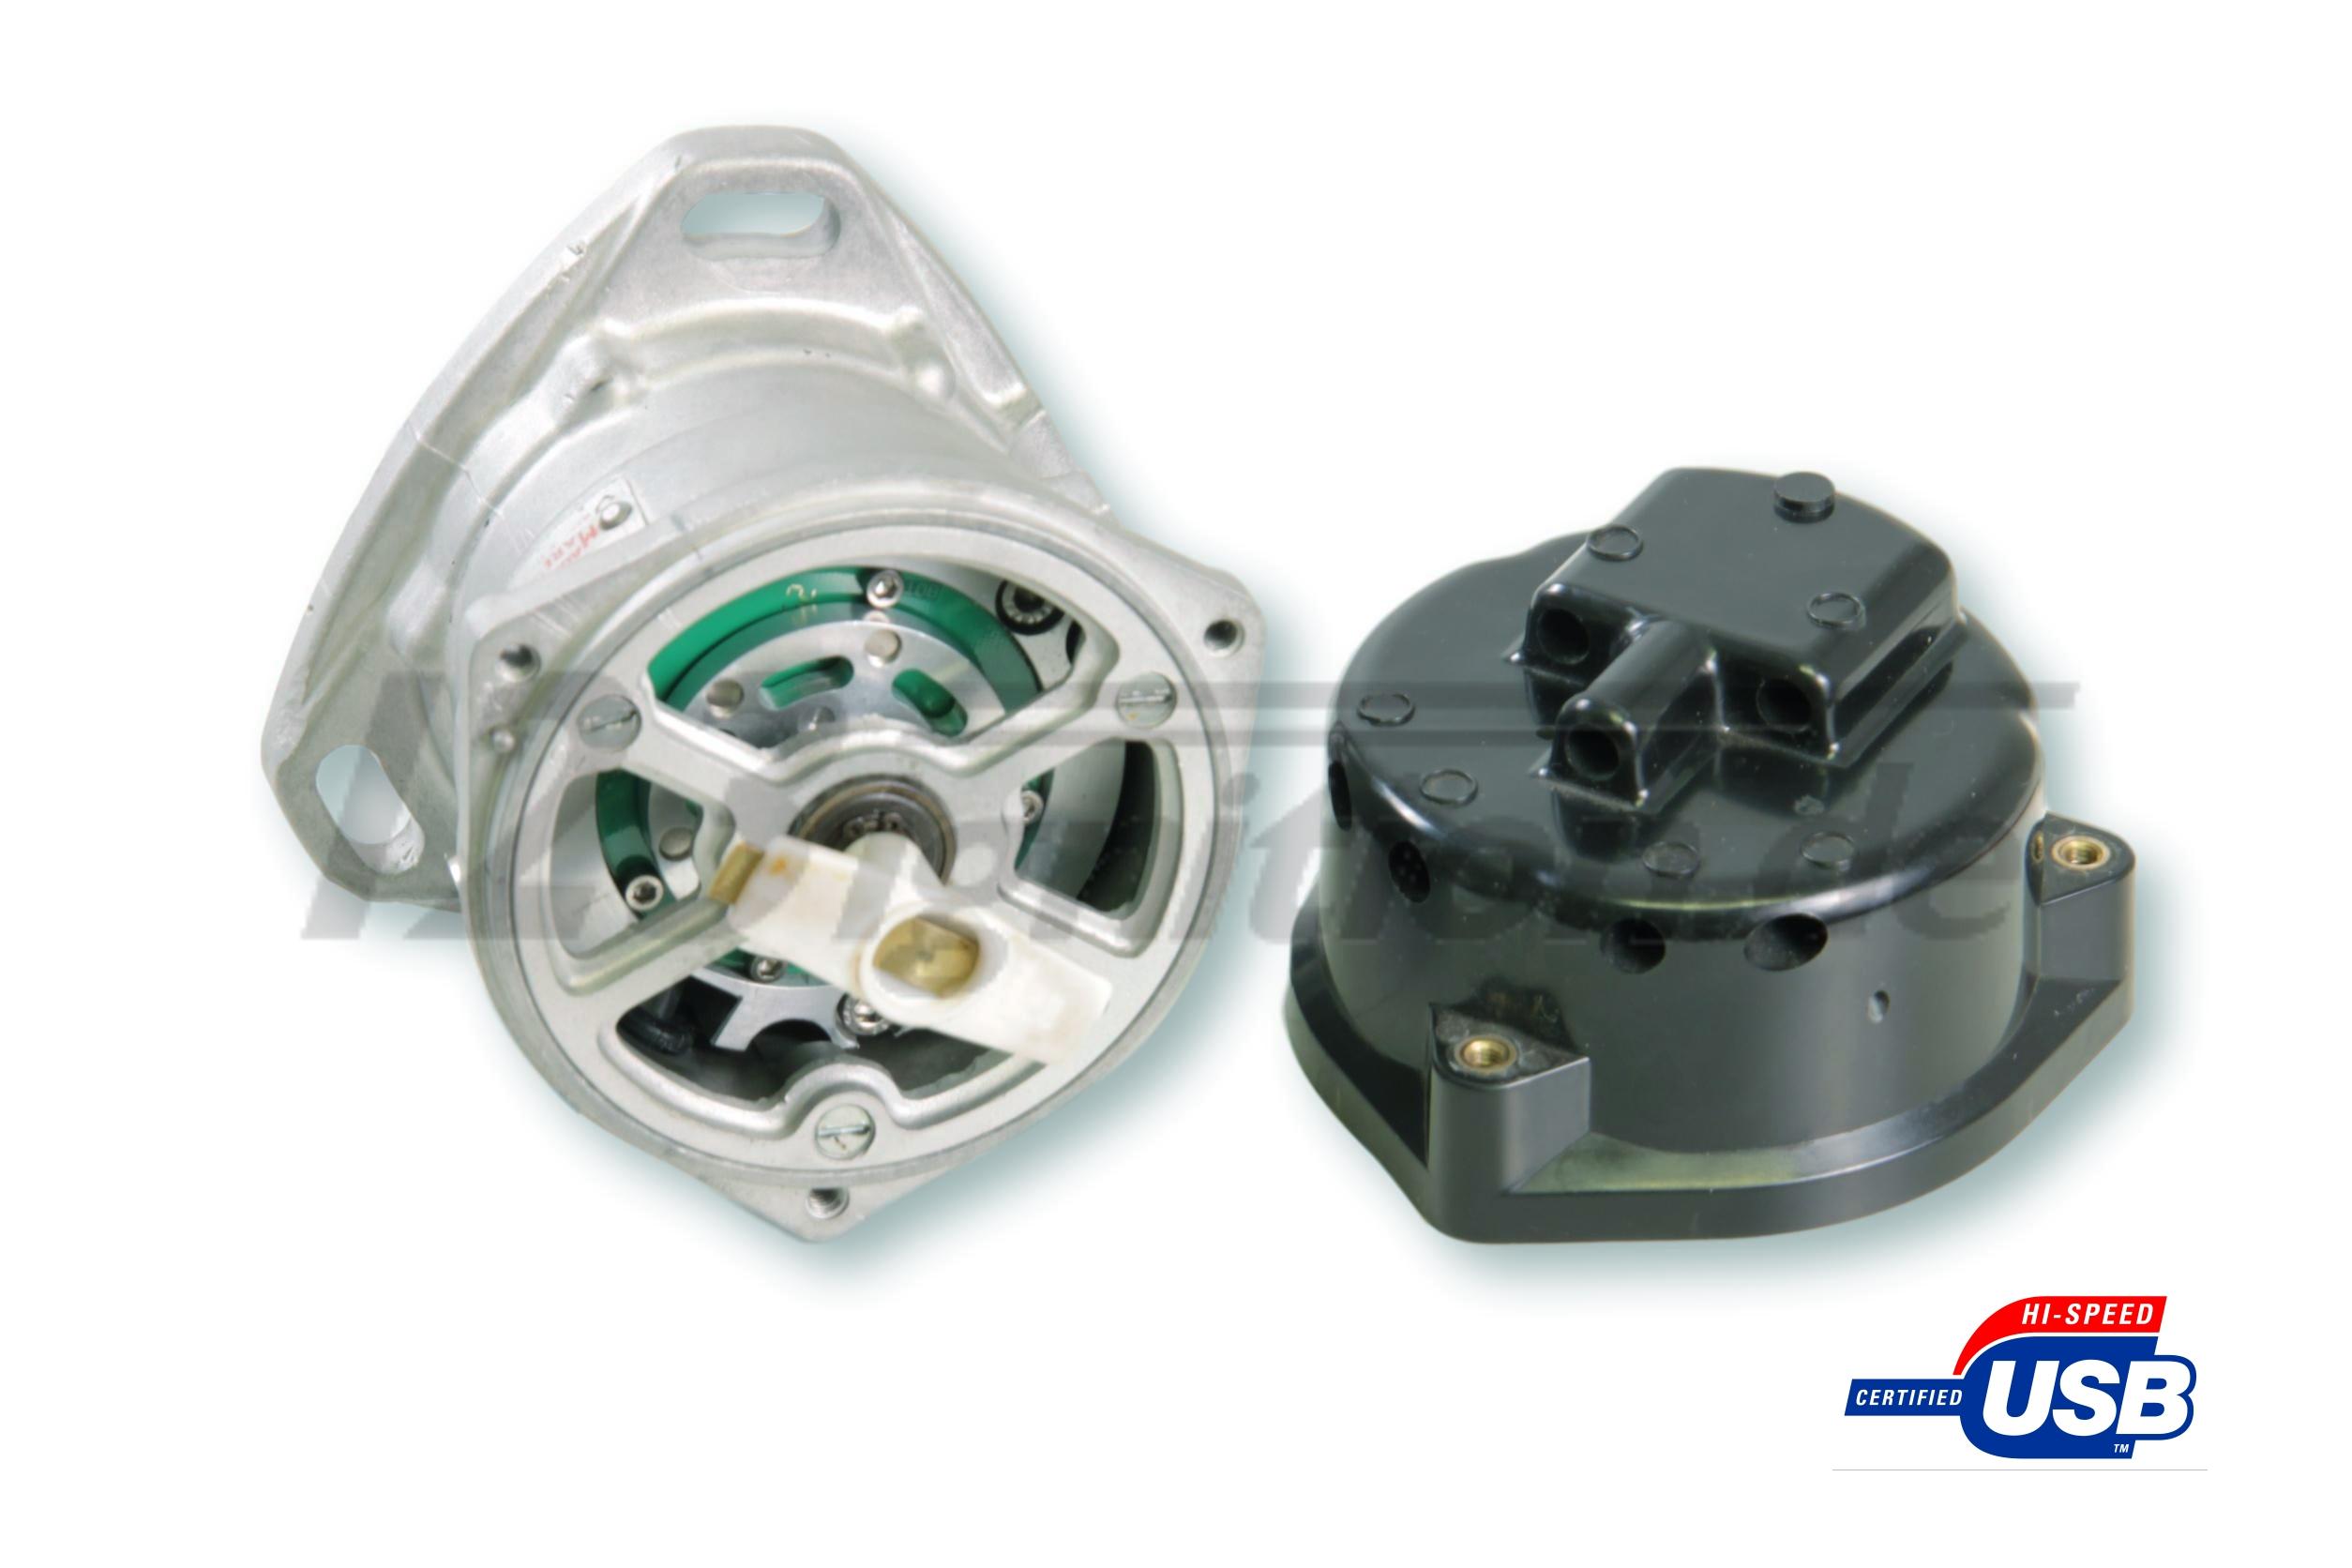 123\TUNE USB Zündverteiler für Ferrari 365 GT 2+2 offene Verteilerkappe